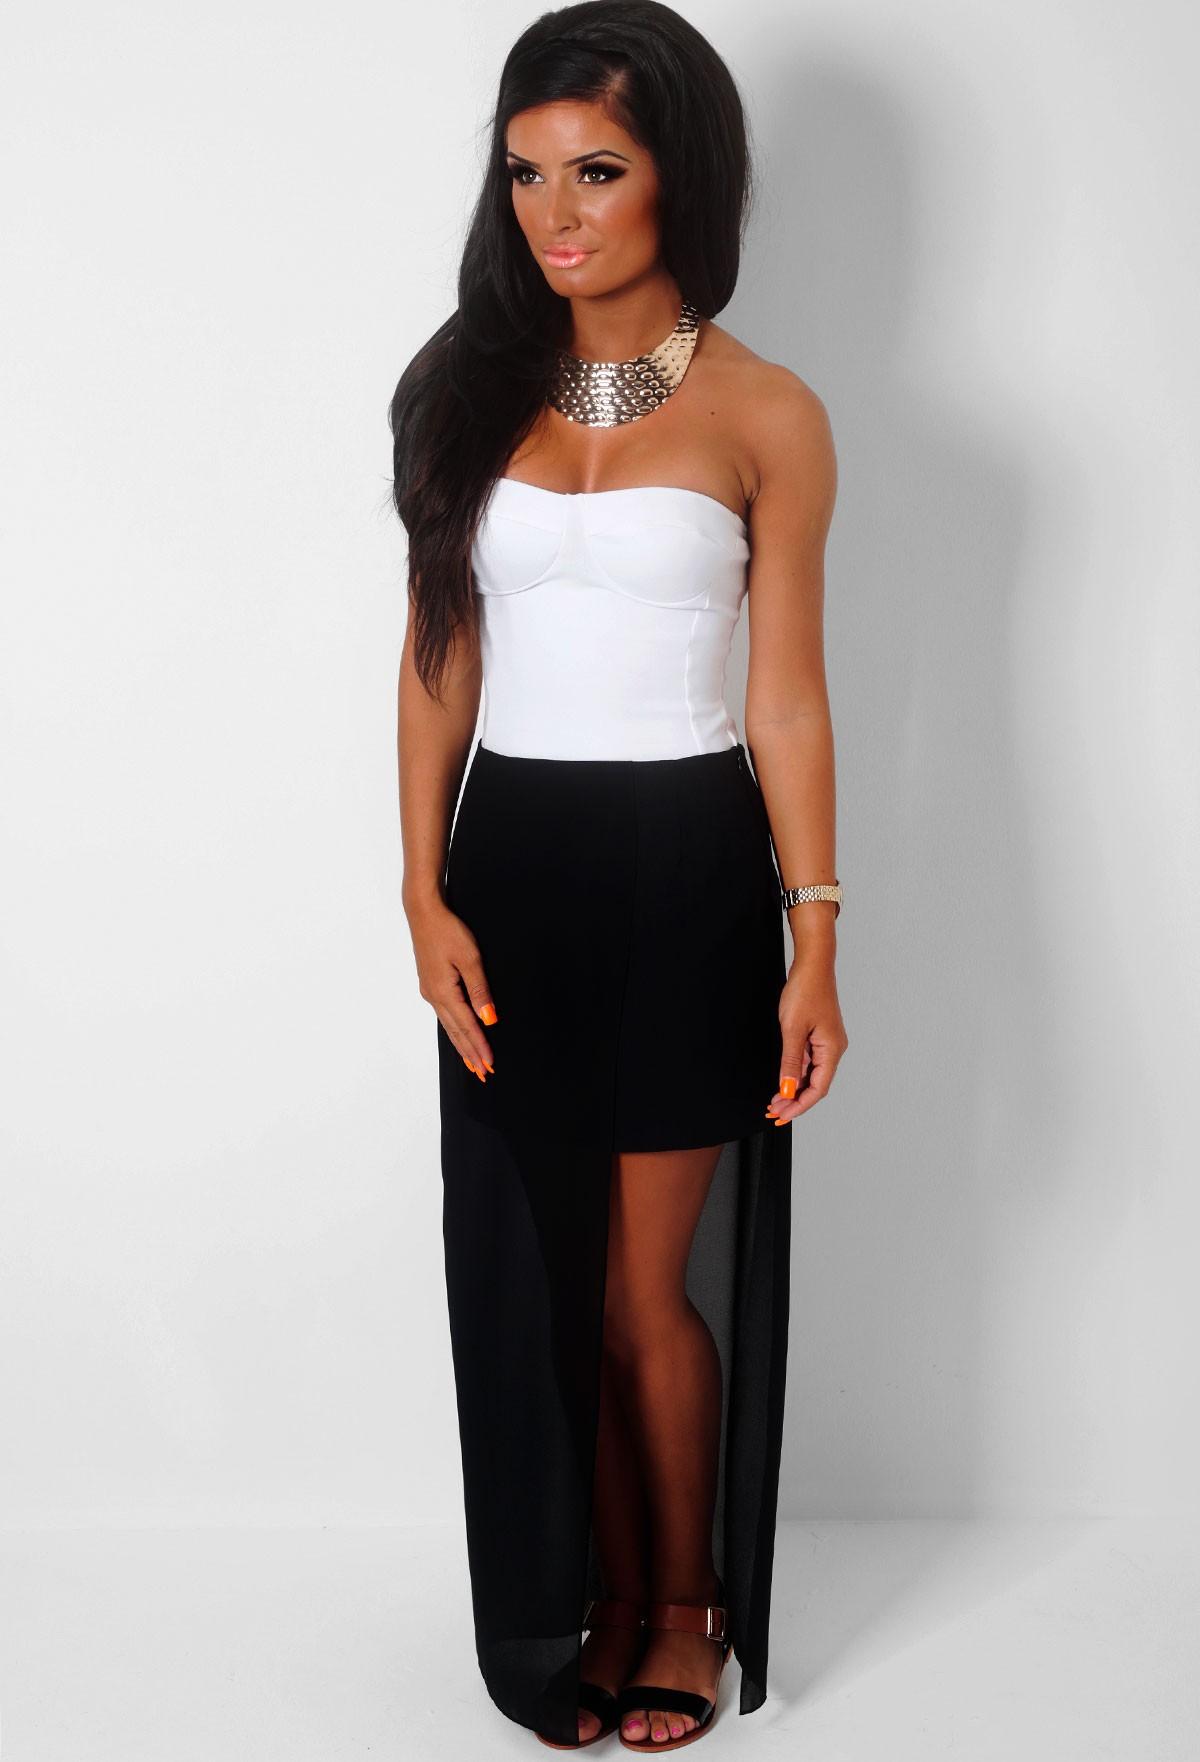 Judi black chiffon overlay maxi skirt